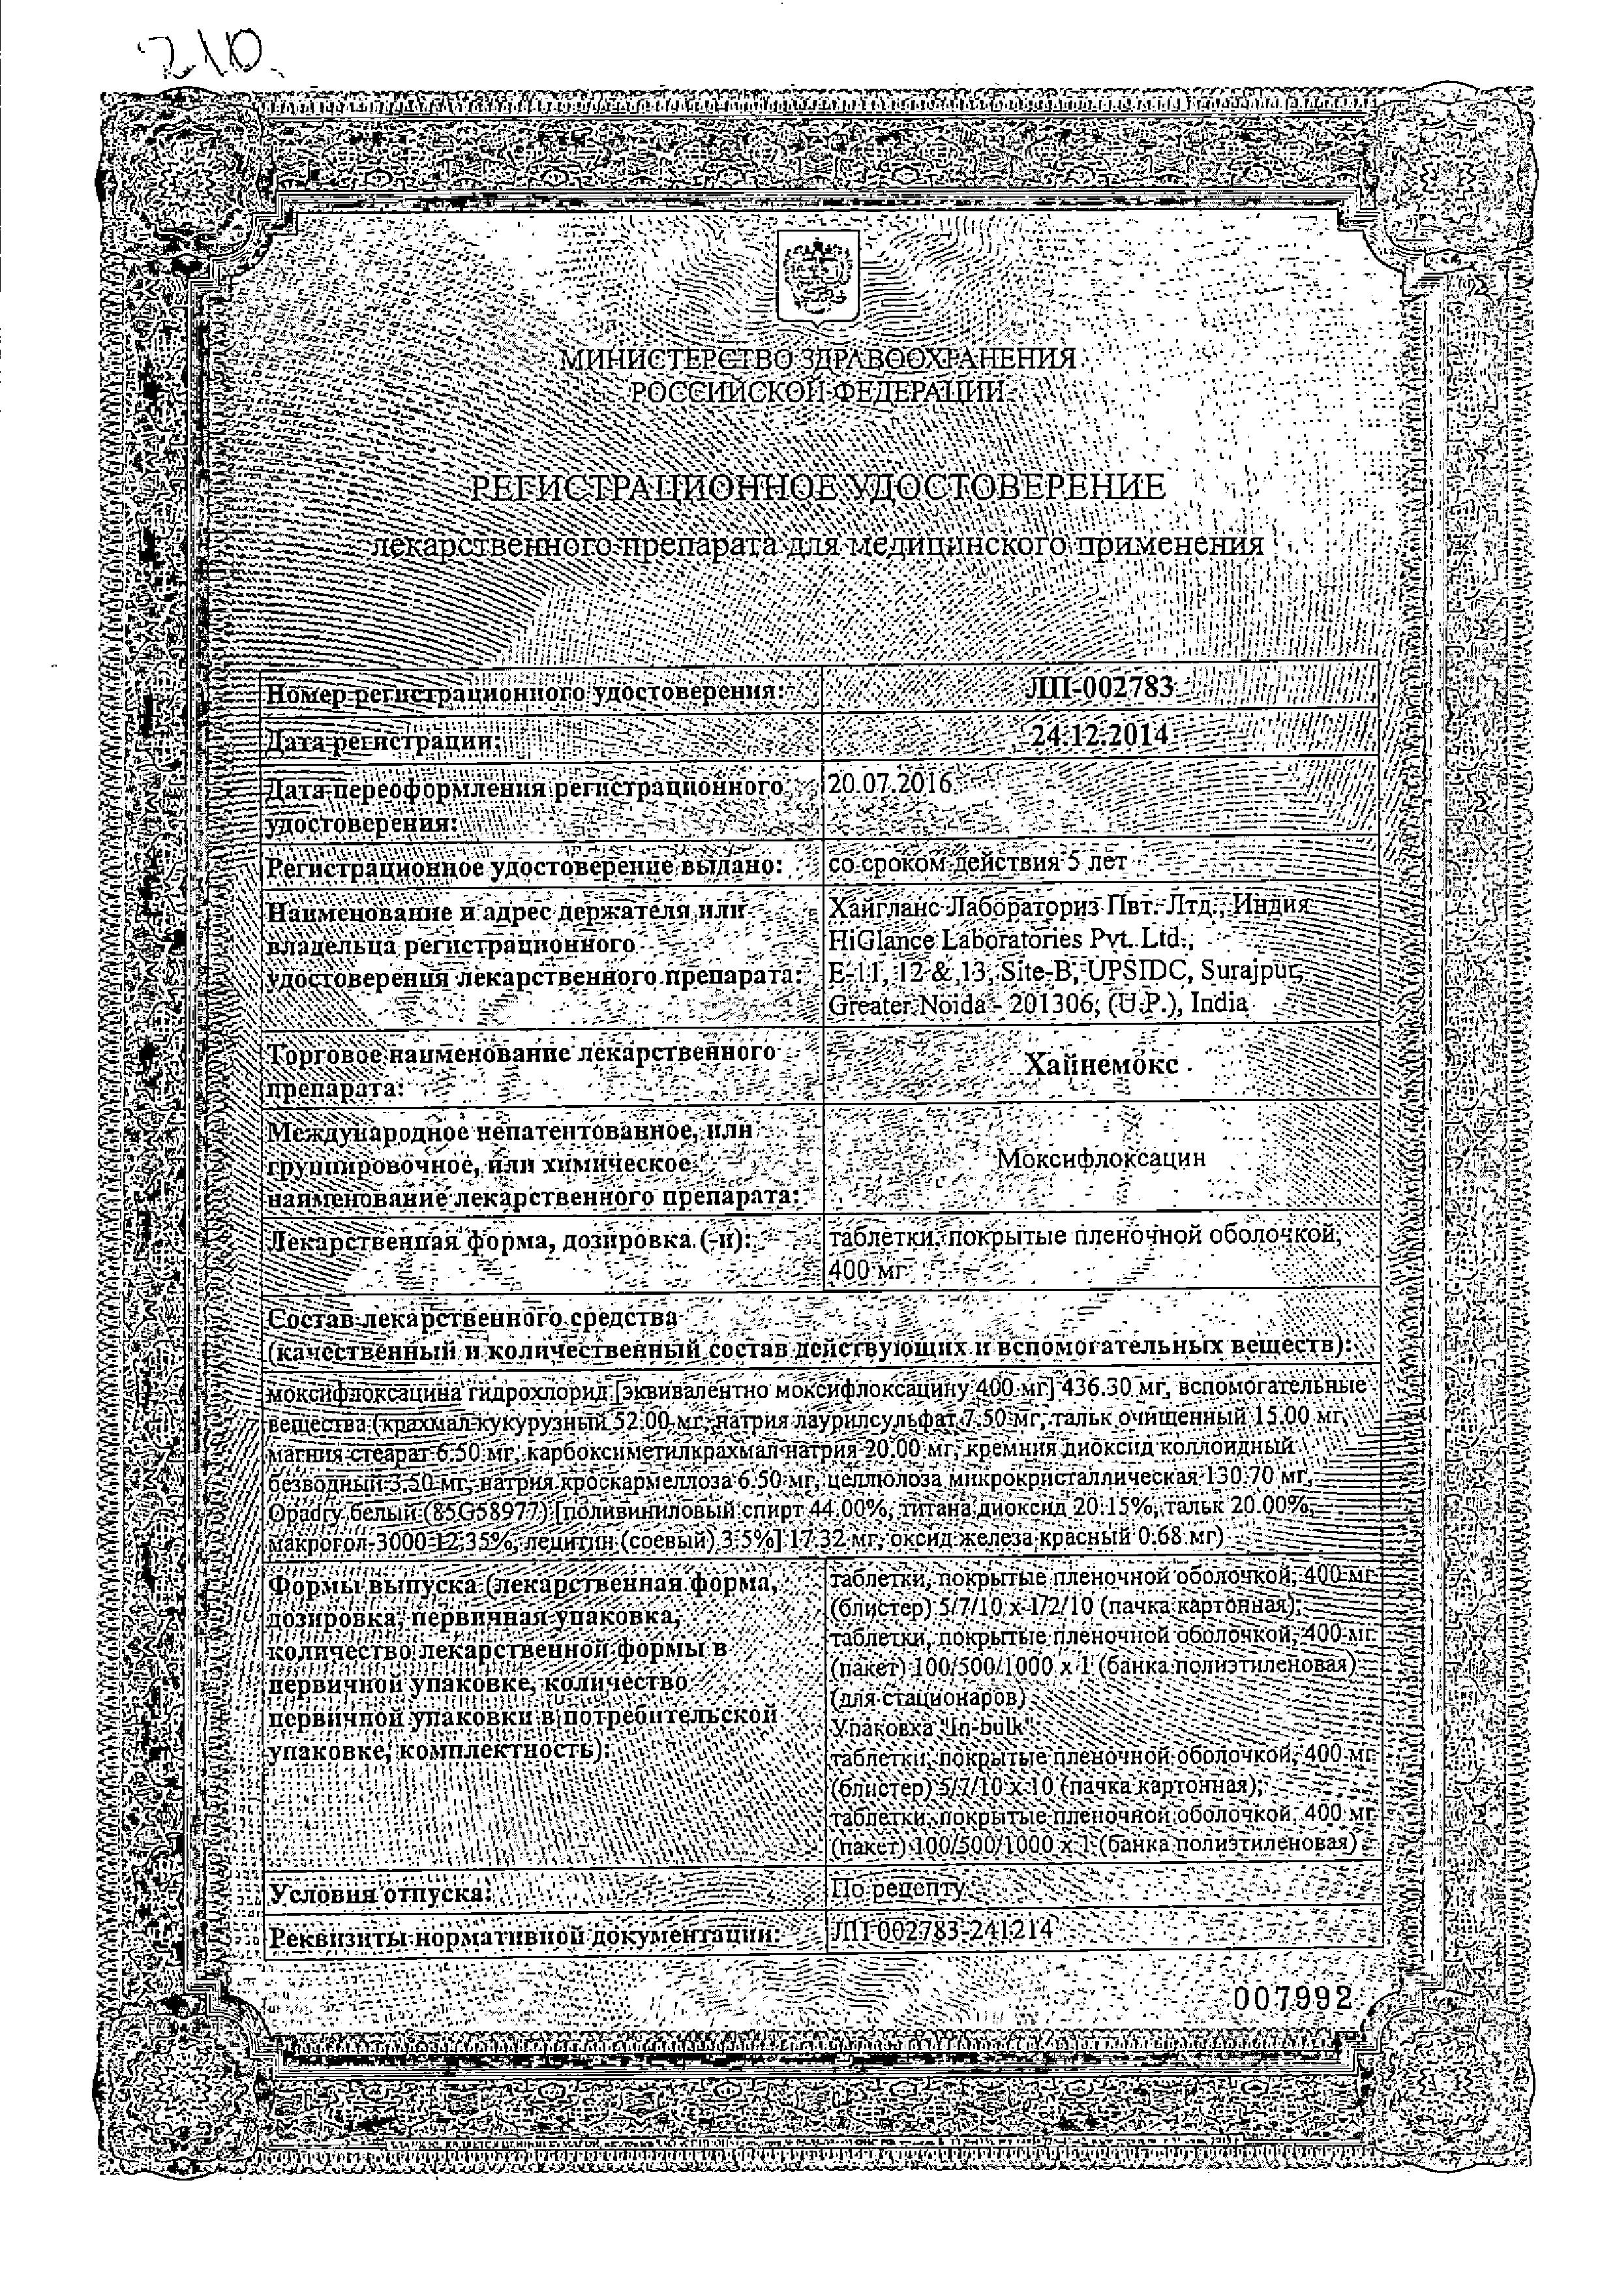 Хайнемокс сертификат